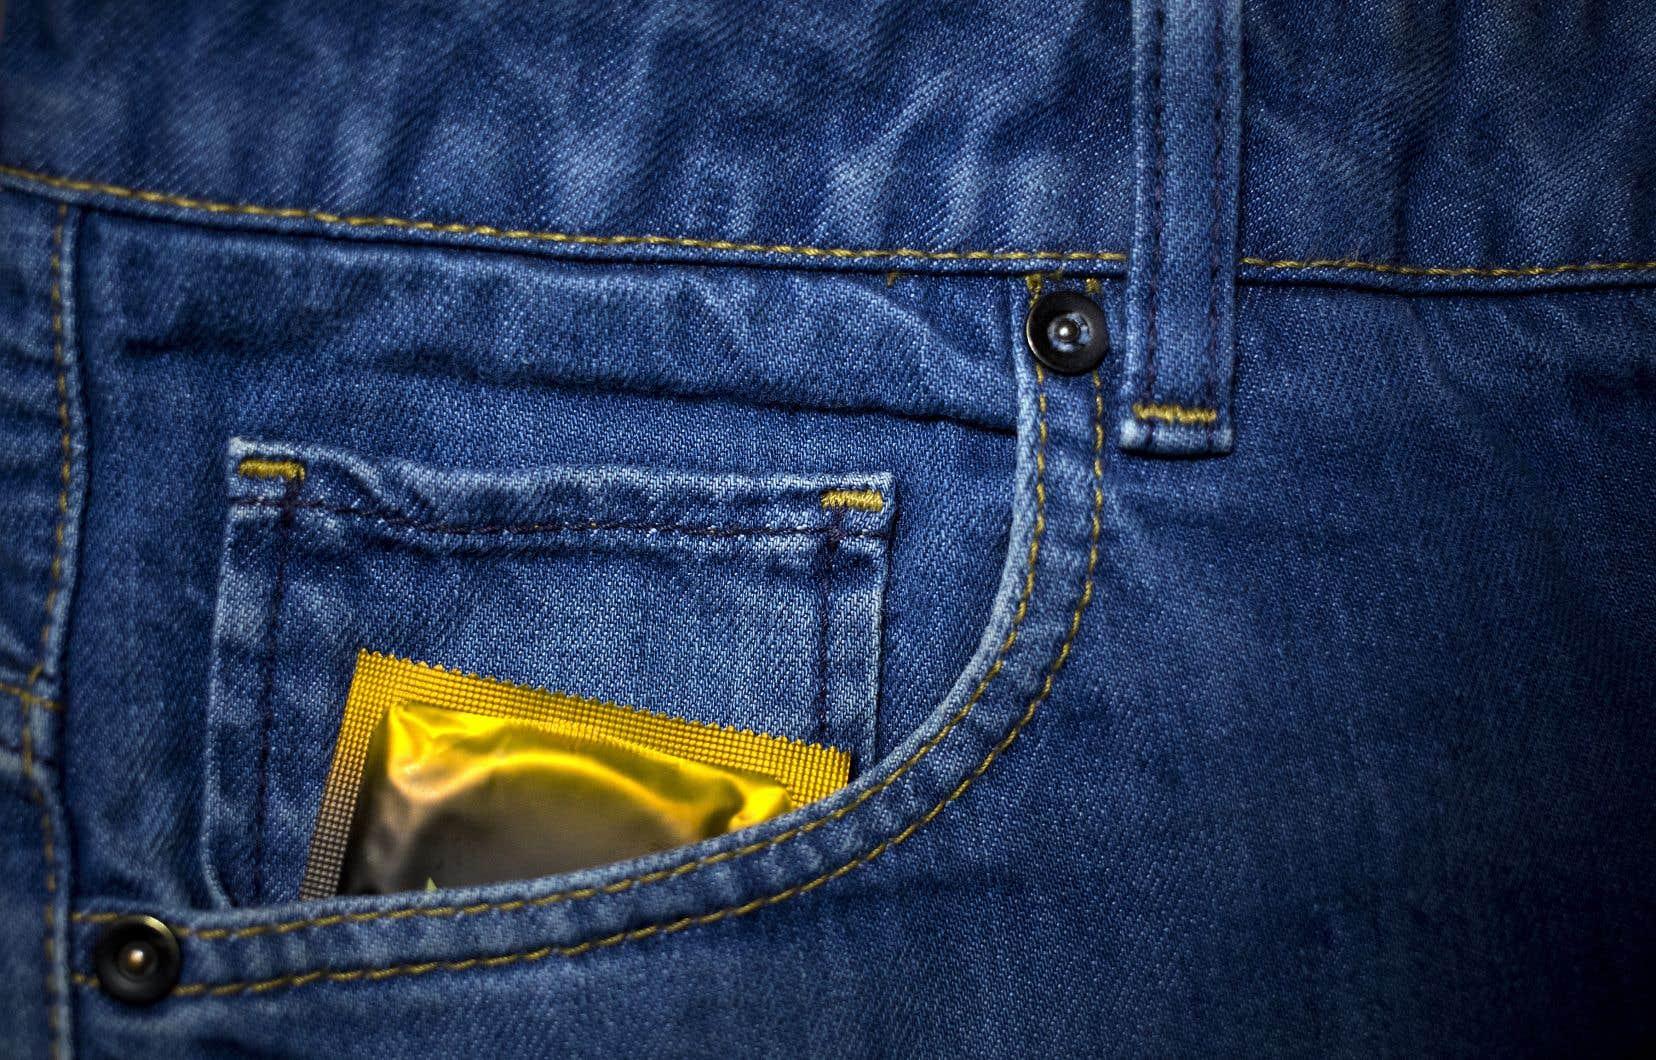 Une personne séropositive qui utiliserait un condom ne serait plus sujette à poursuite, selon le vœu d'Ottawa.